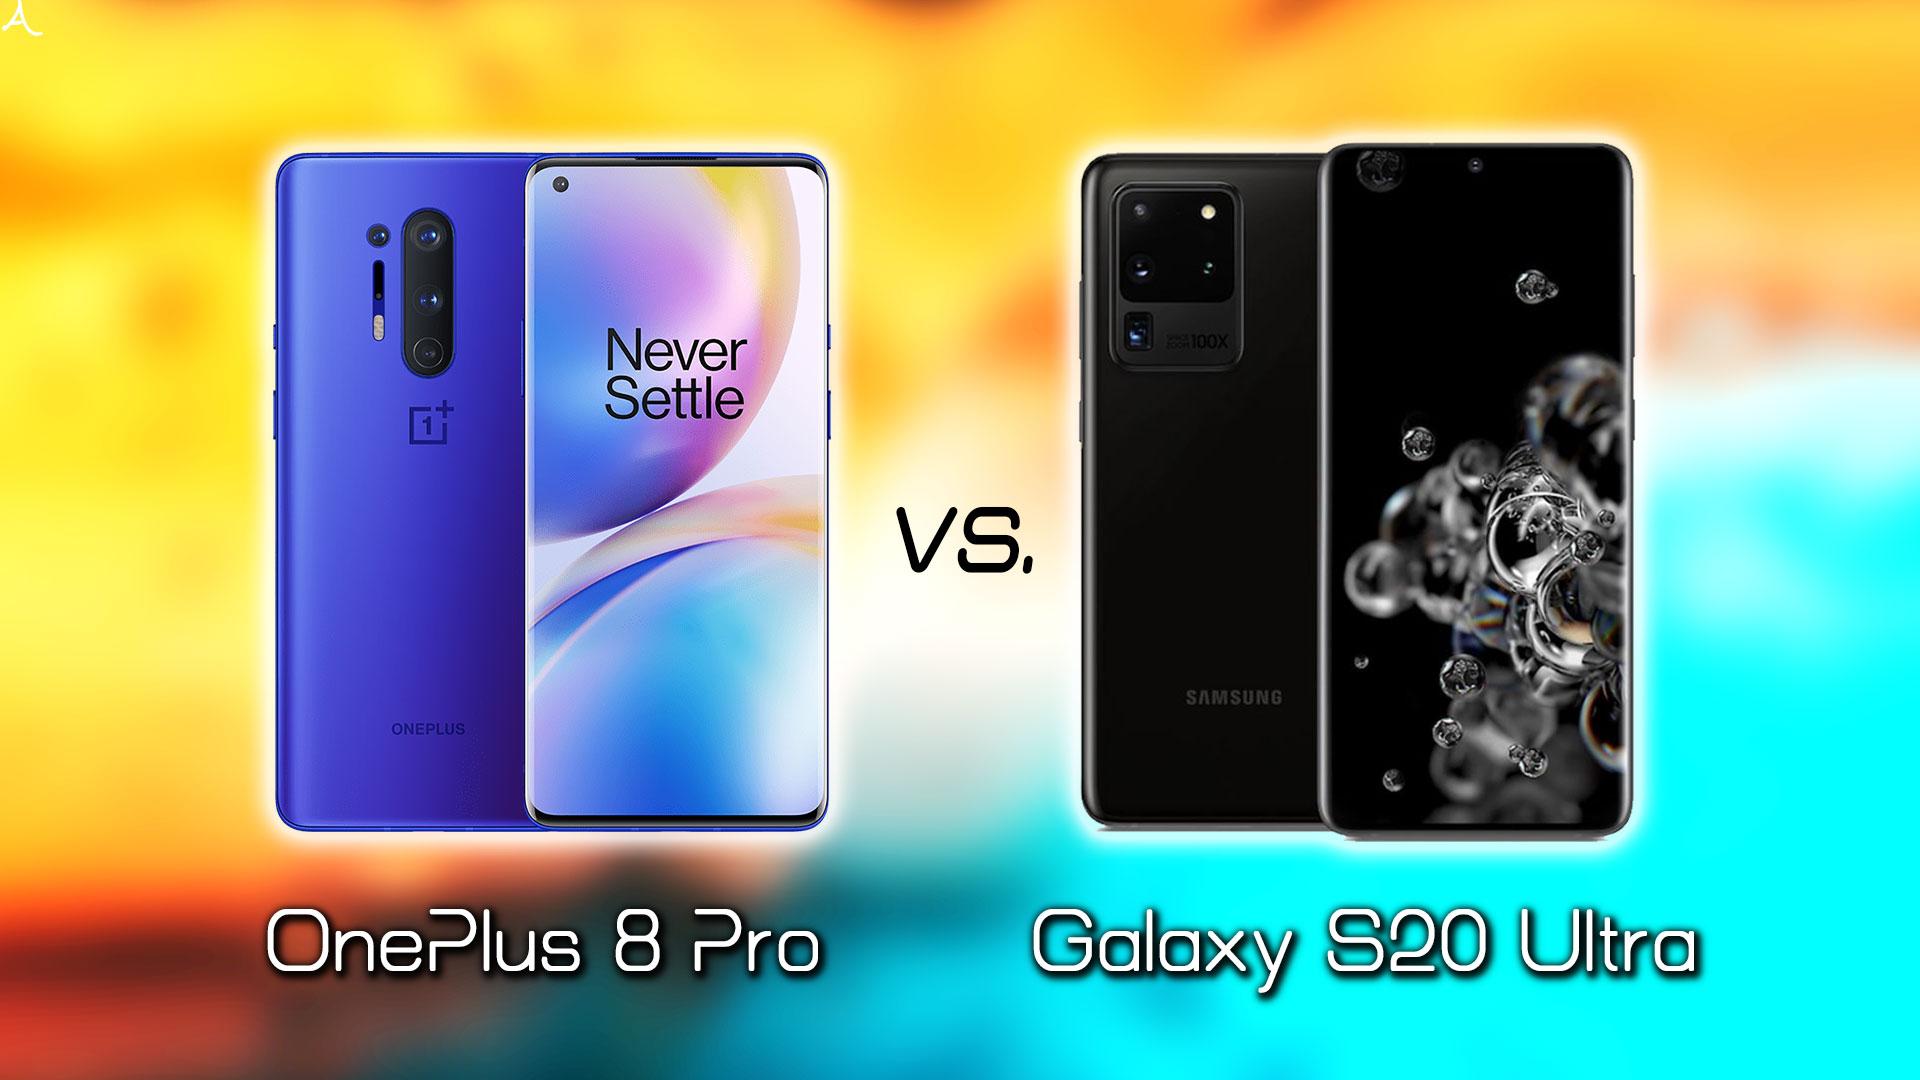 「OnePlus 8 Pro」と「Galaxy S20 Ultra」のスペックや違いを細かく比較